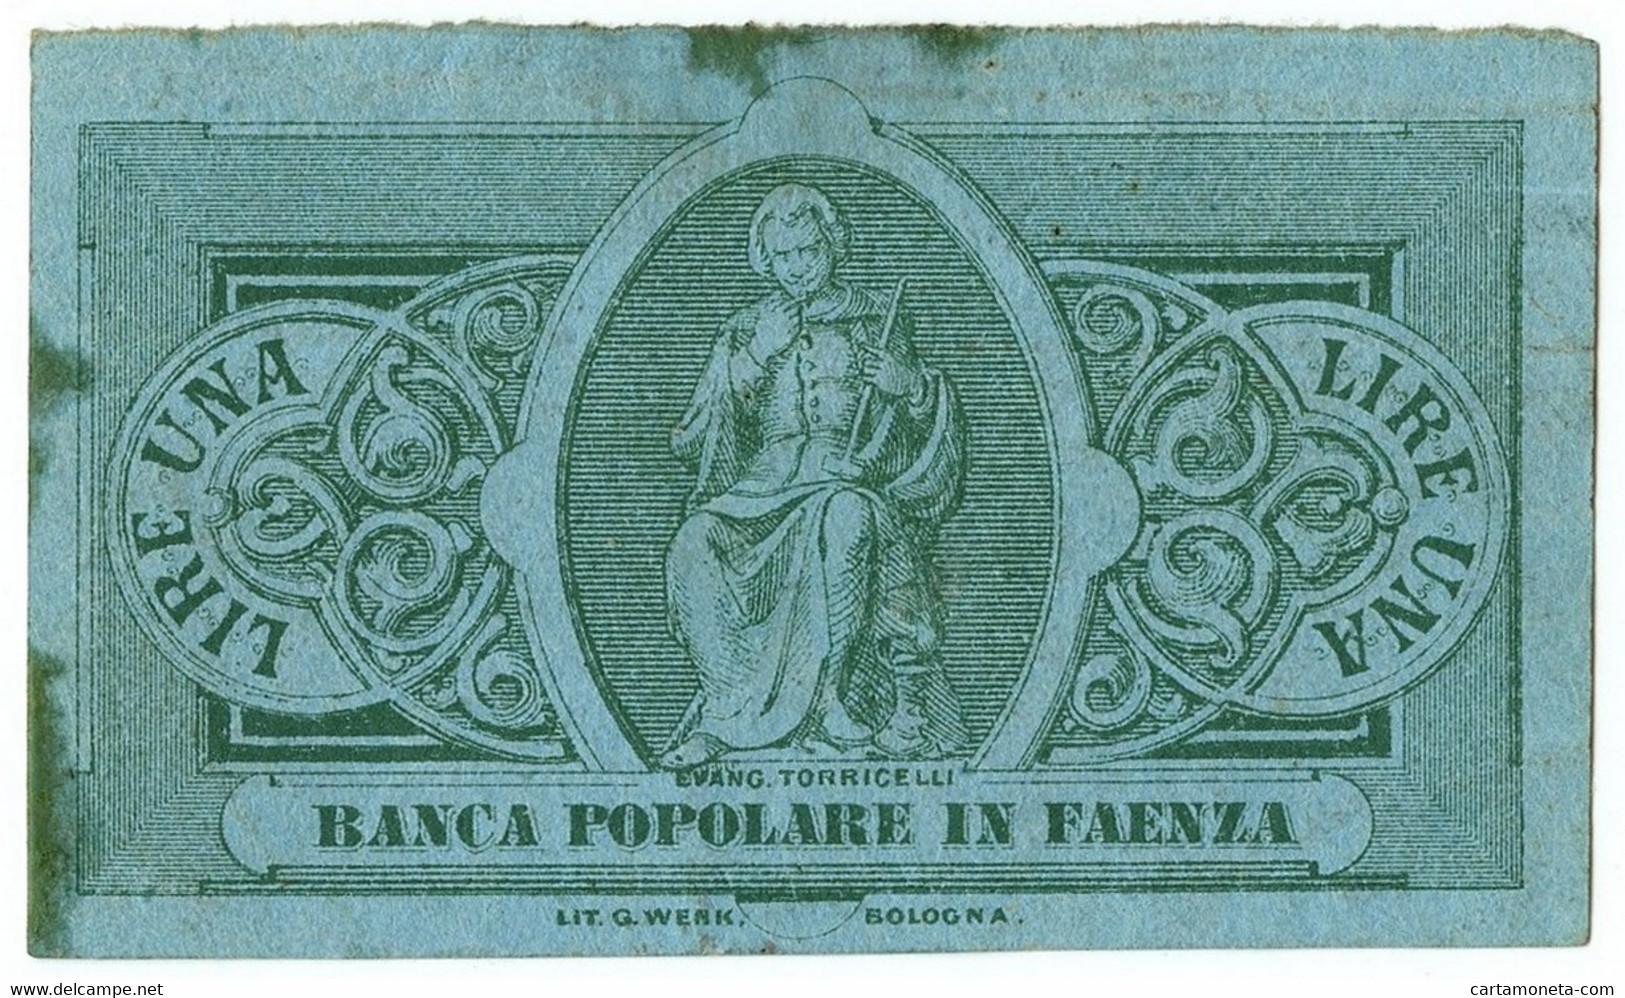 1 LIRA NON EMESSO BIGLIETTO FIDUCIARIO BANCA POPOLARE IN FAENZA QSPL - [ 1] …-1946 : Regno